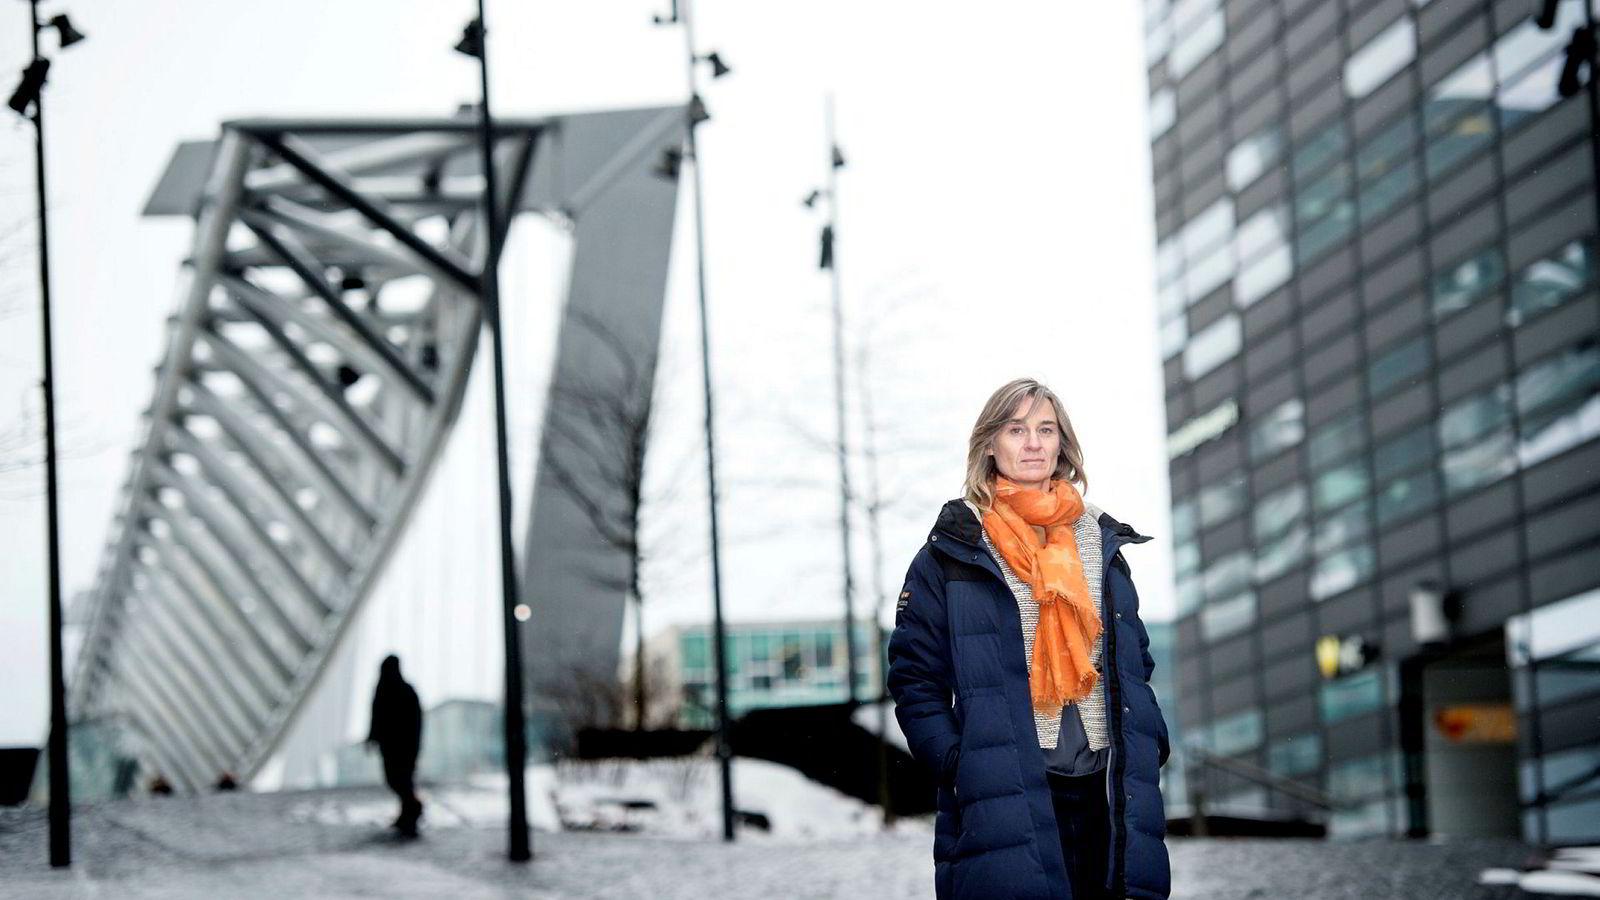 – Dette er en meget alvorlig sak for Hydro, og som investor følger KLP utviklingen nøye, sier Anne Karin Kvam, leder for ansvarlige investeringer i KLP.